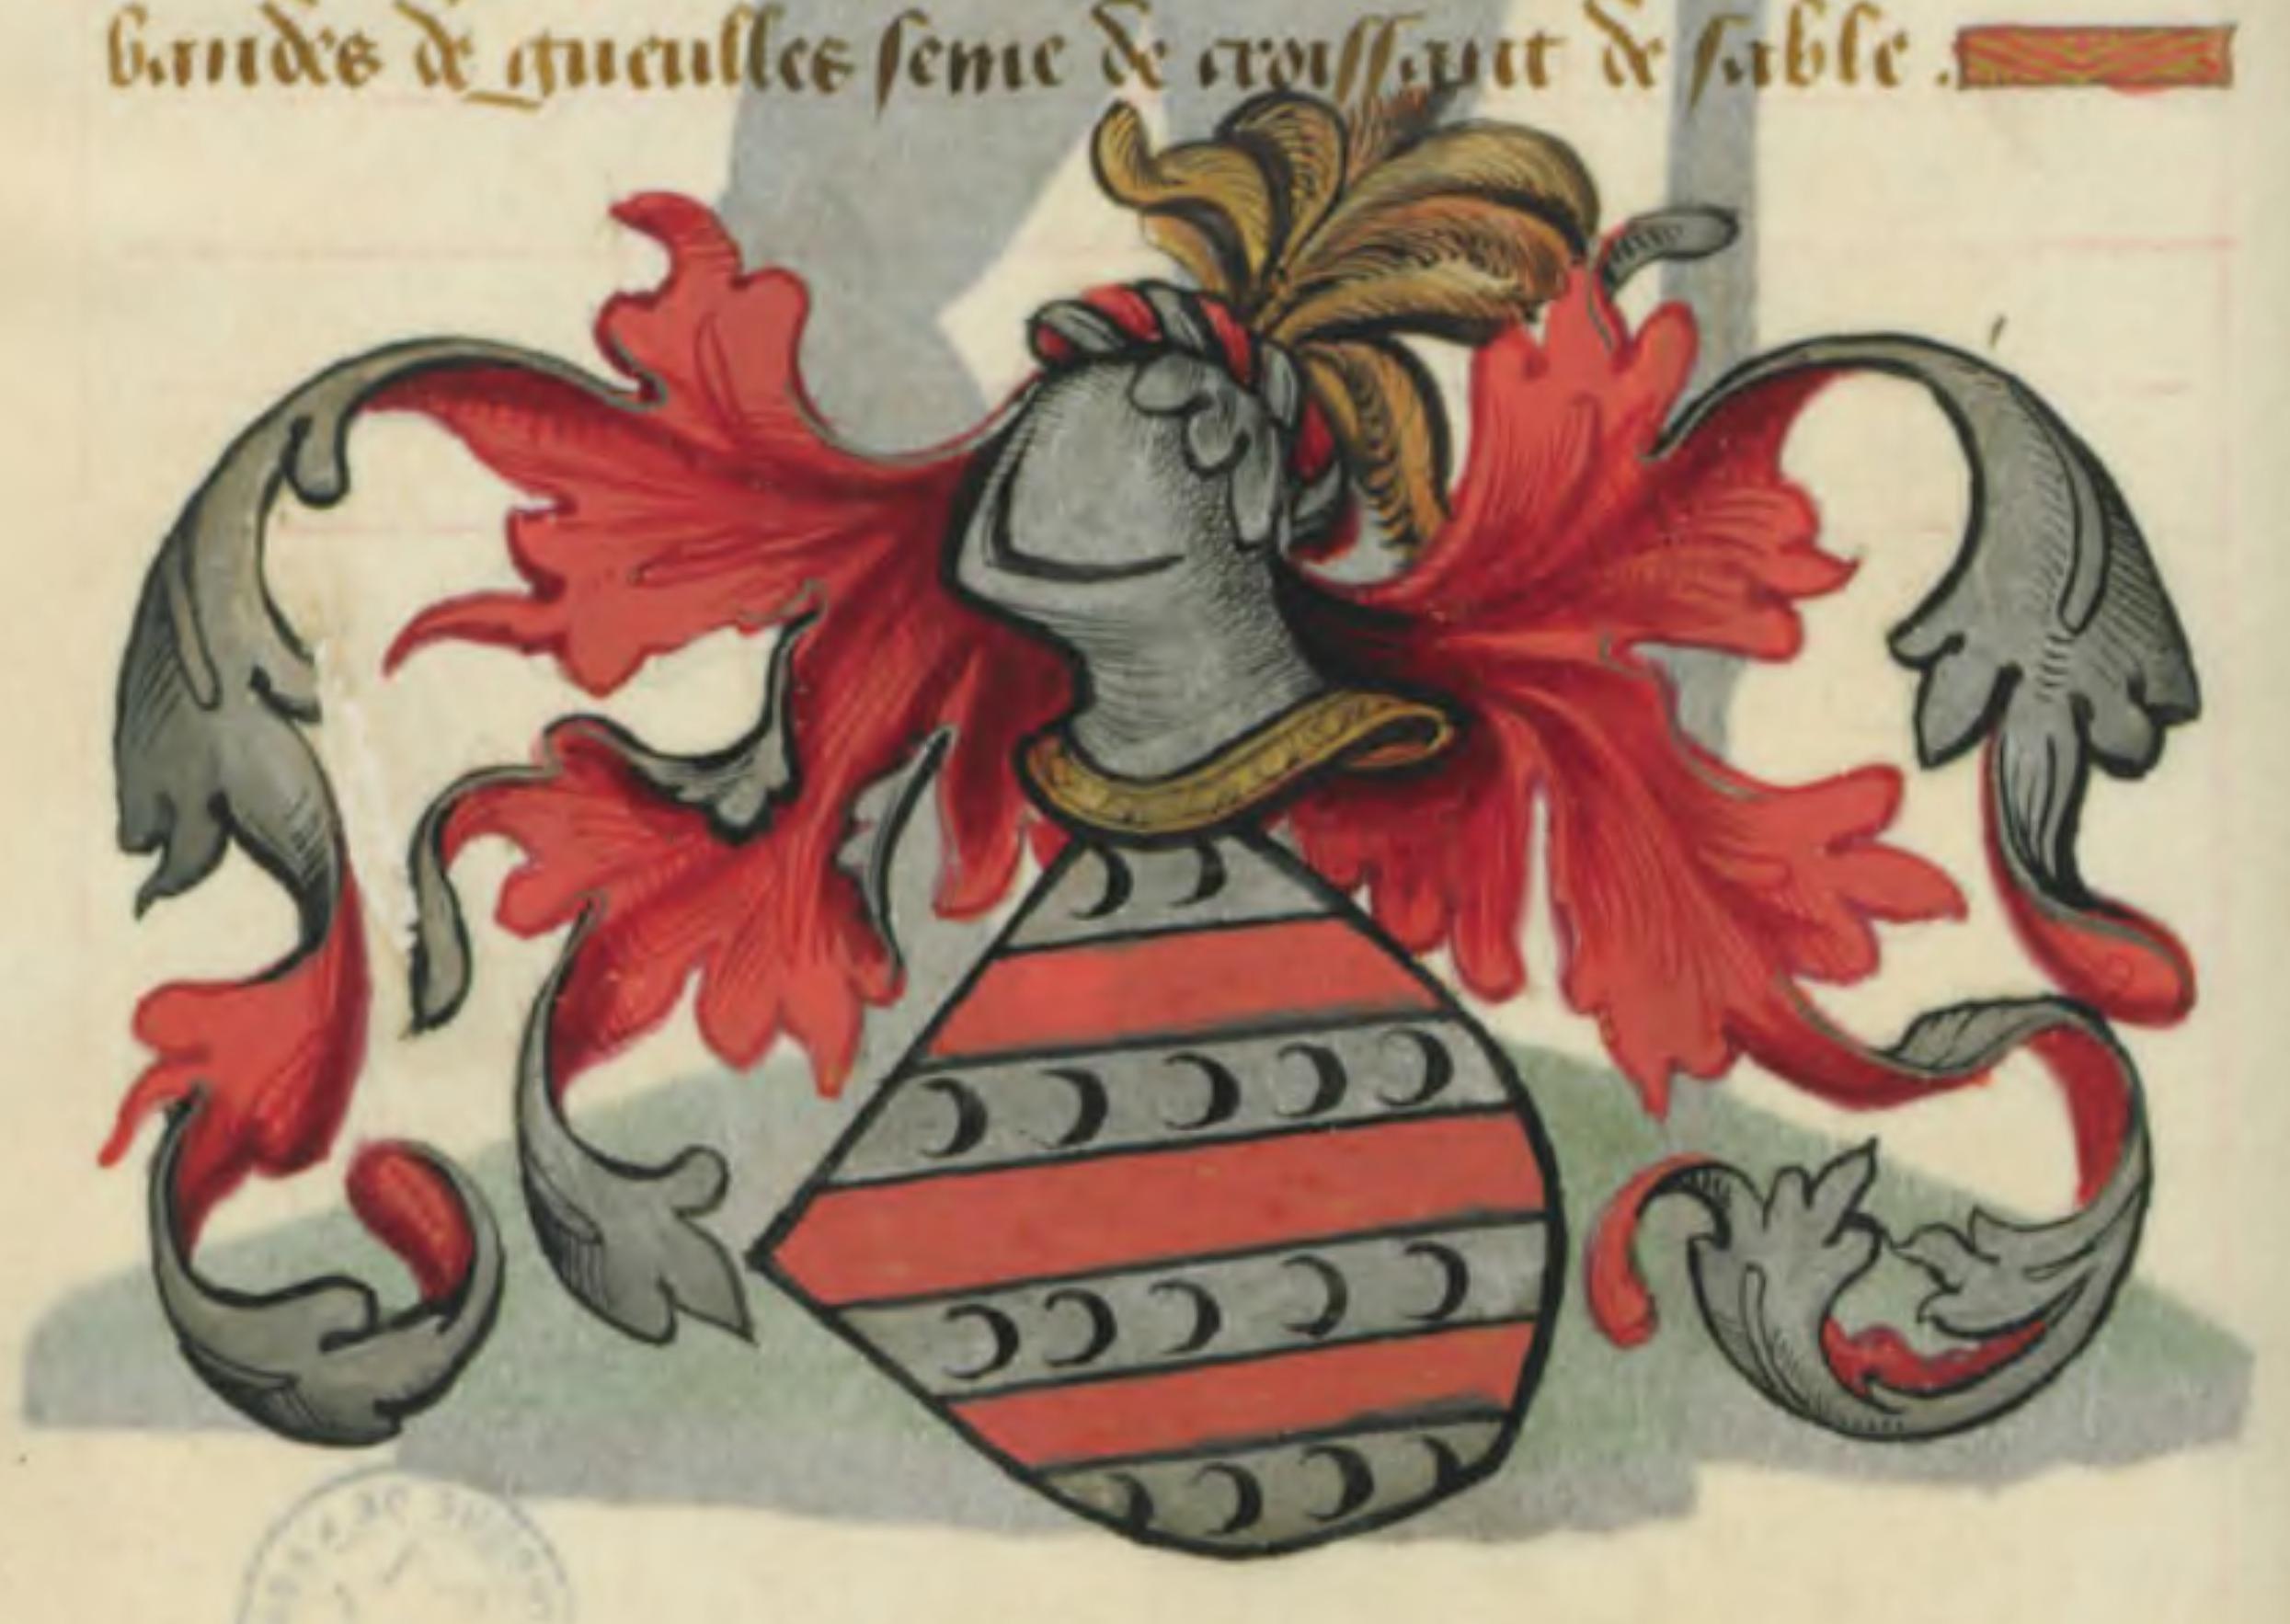 Blason de Blioberis de Gaunes